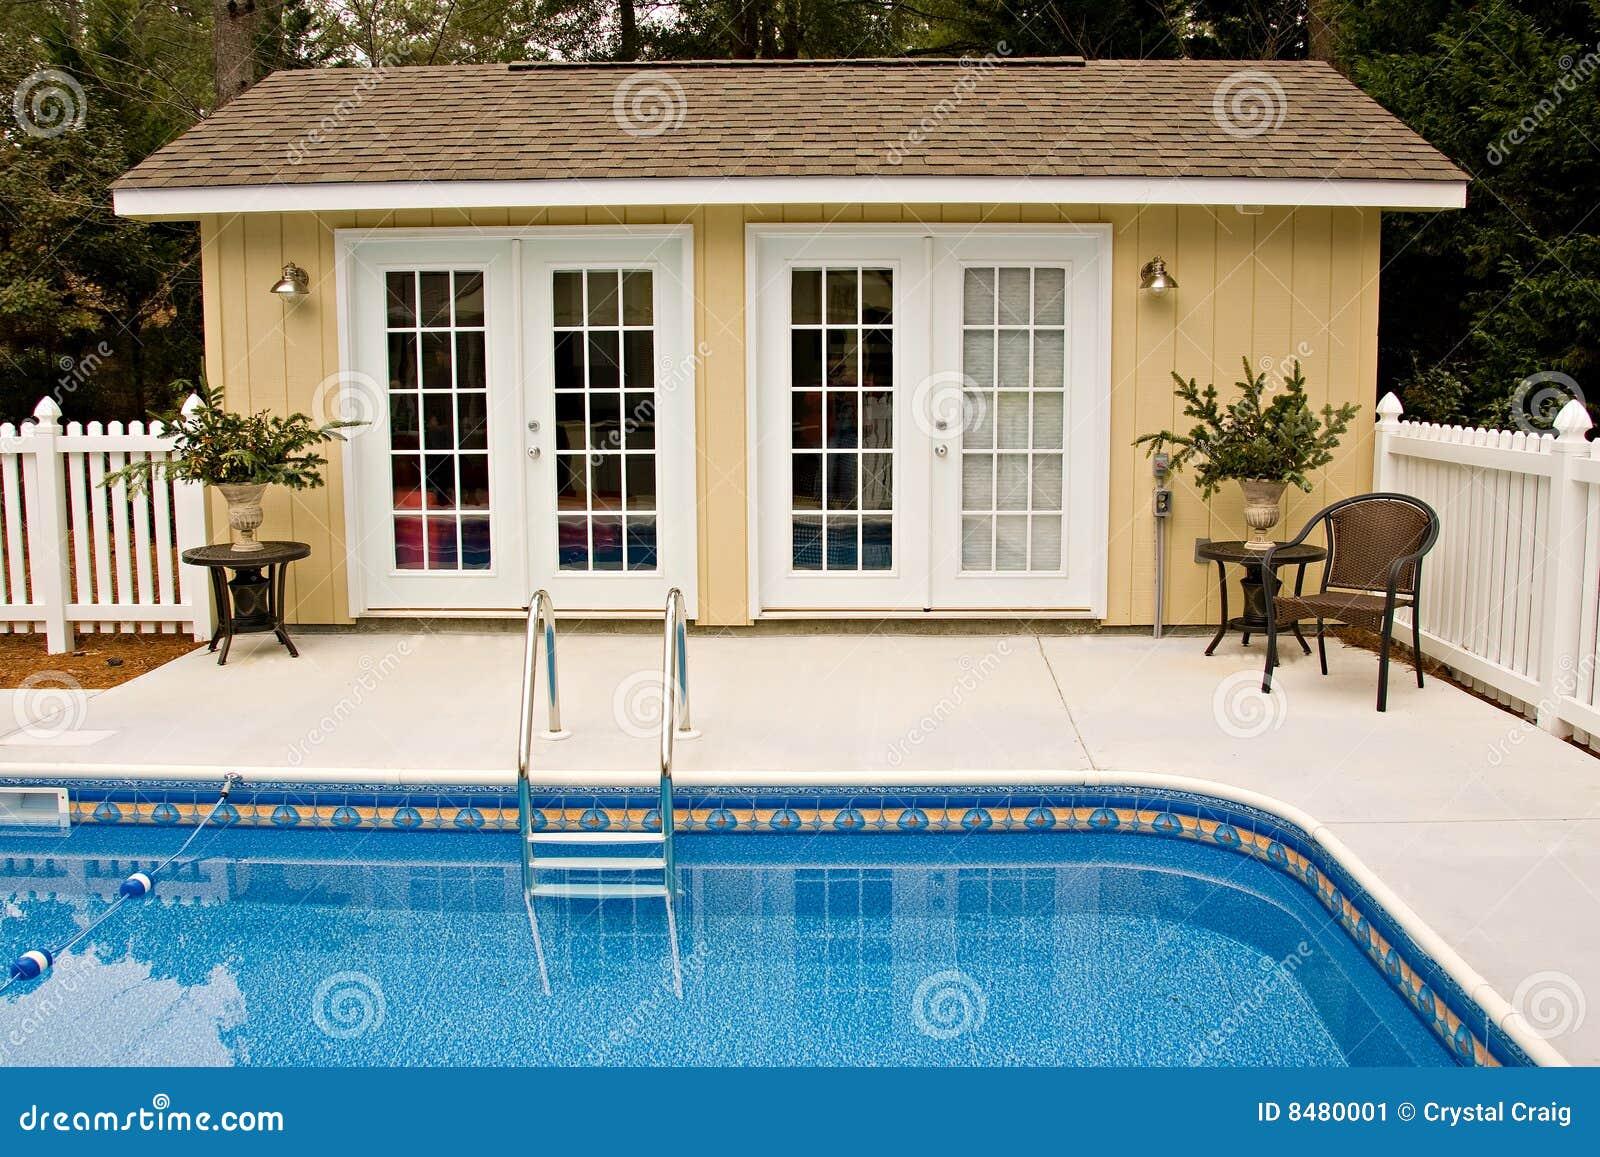 Casa de la piscina del patio trasero imagen de archivo for Piscinas en el patio de la casa